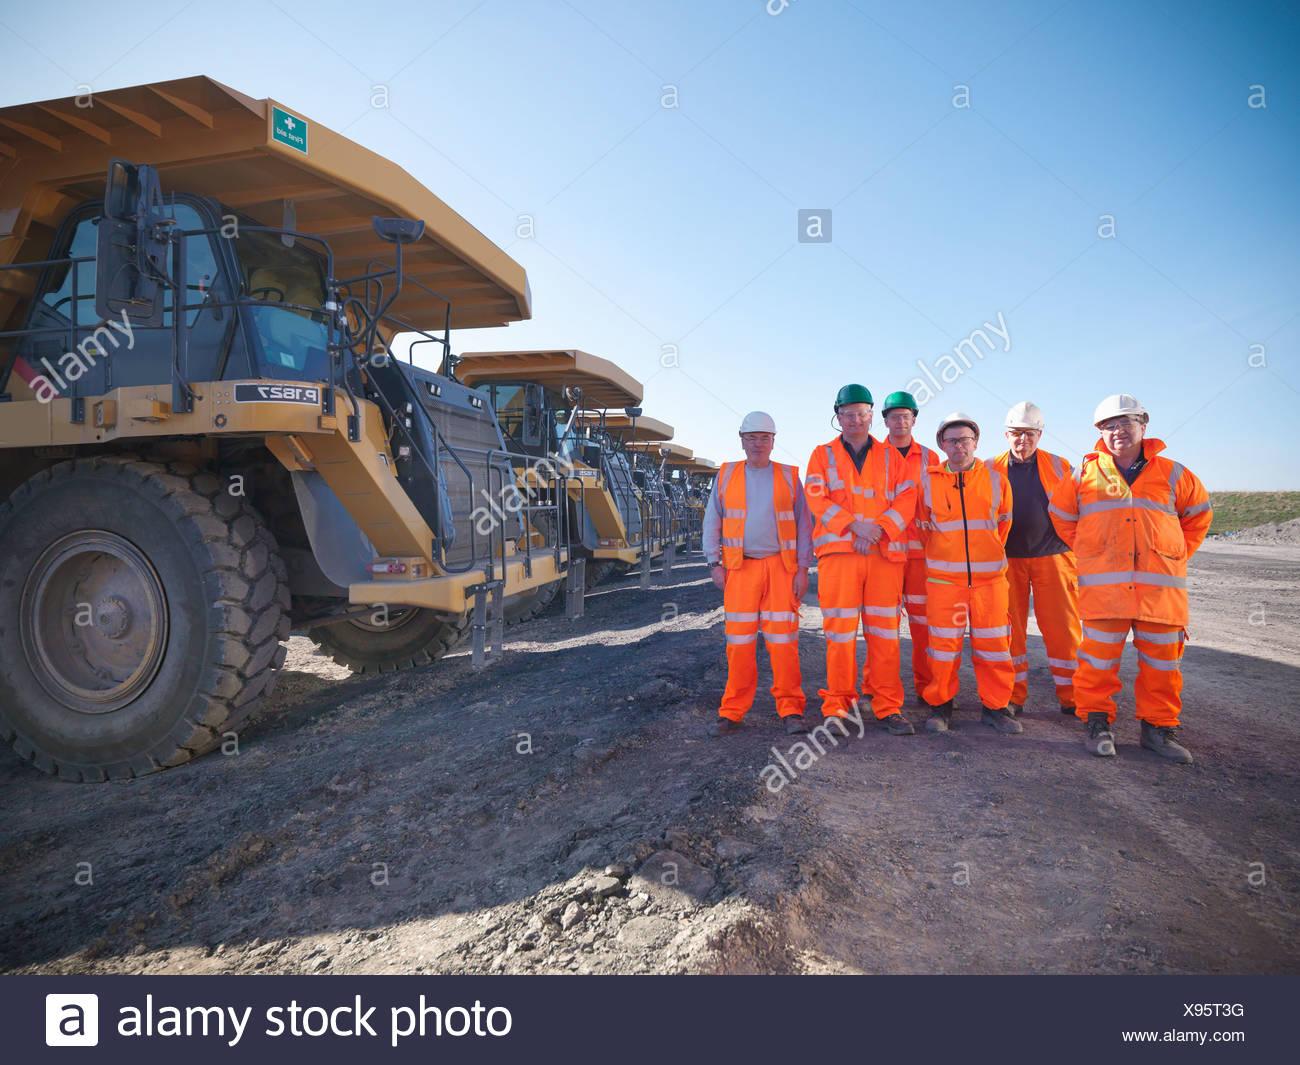 Los trabajadores de pie juntos en la mina de carbón Foto de stock